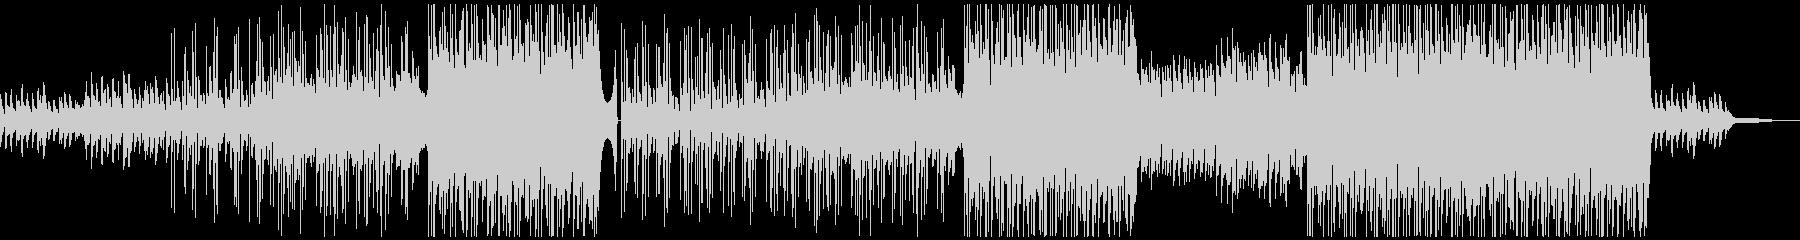 牧歌的なギターポップ/カントリー風BGMの未再生の波形